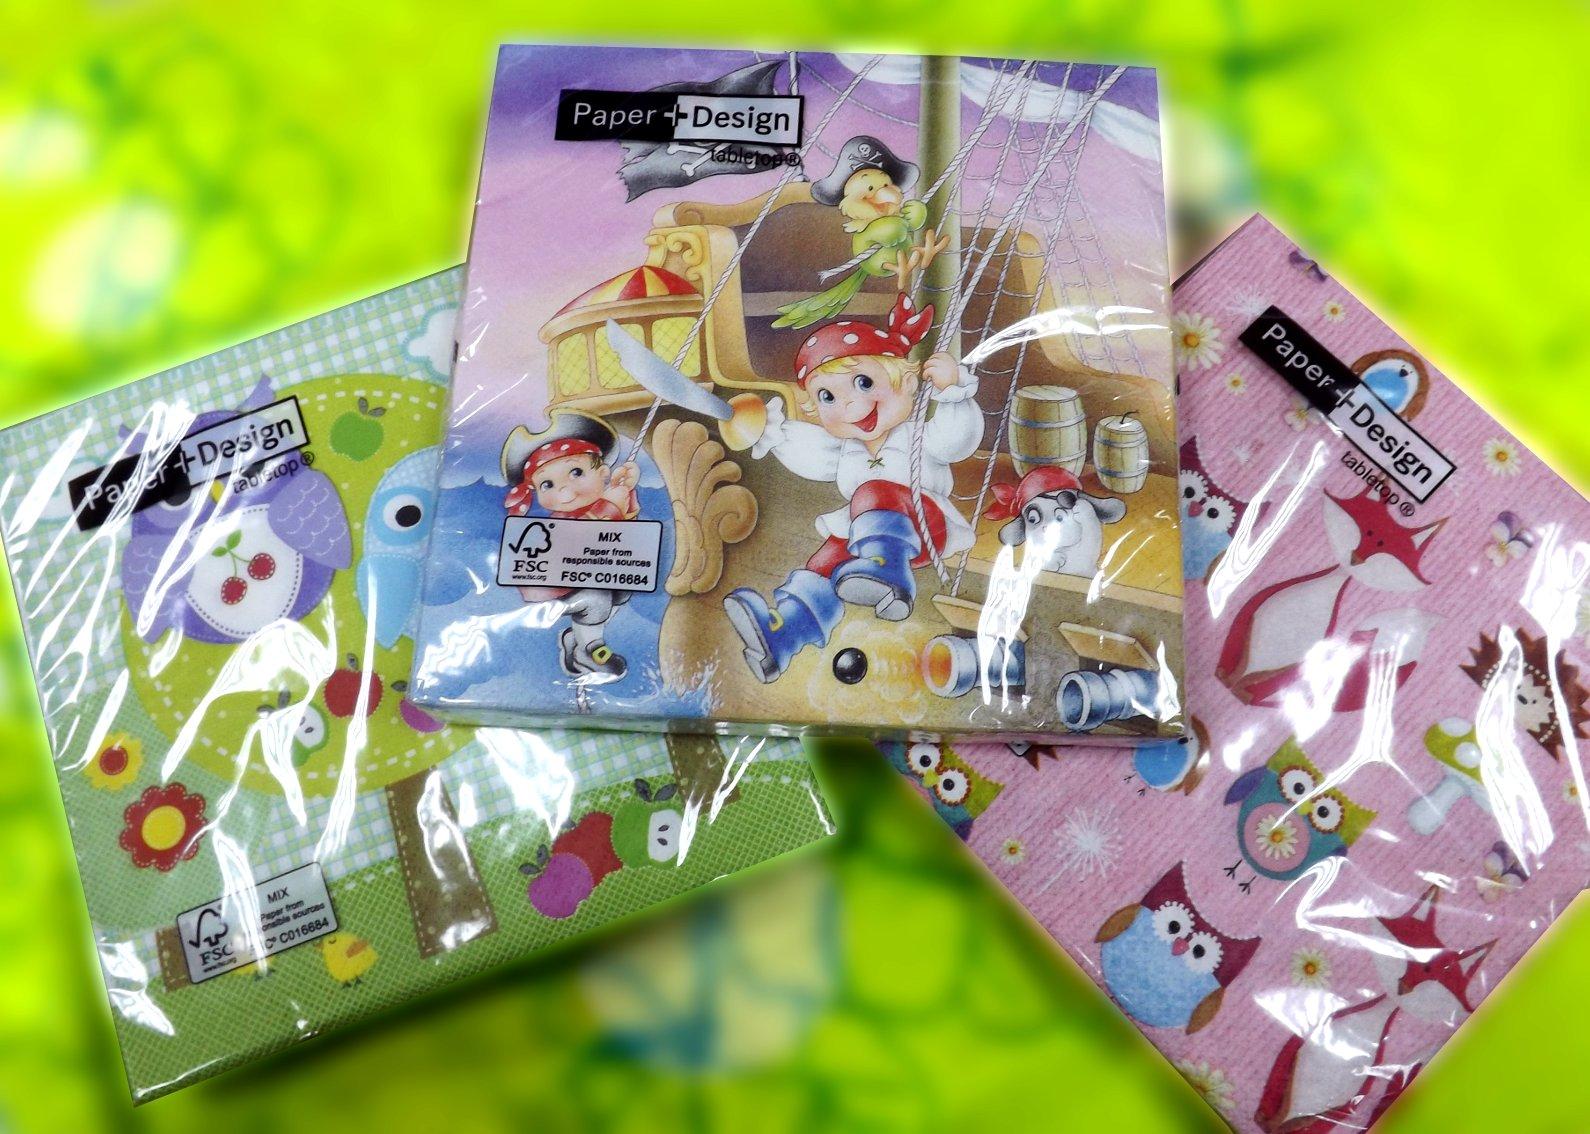 Бумажные салфетки от Paper+Design в прозрачных упаковках с рисунками для детей и их родителей